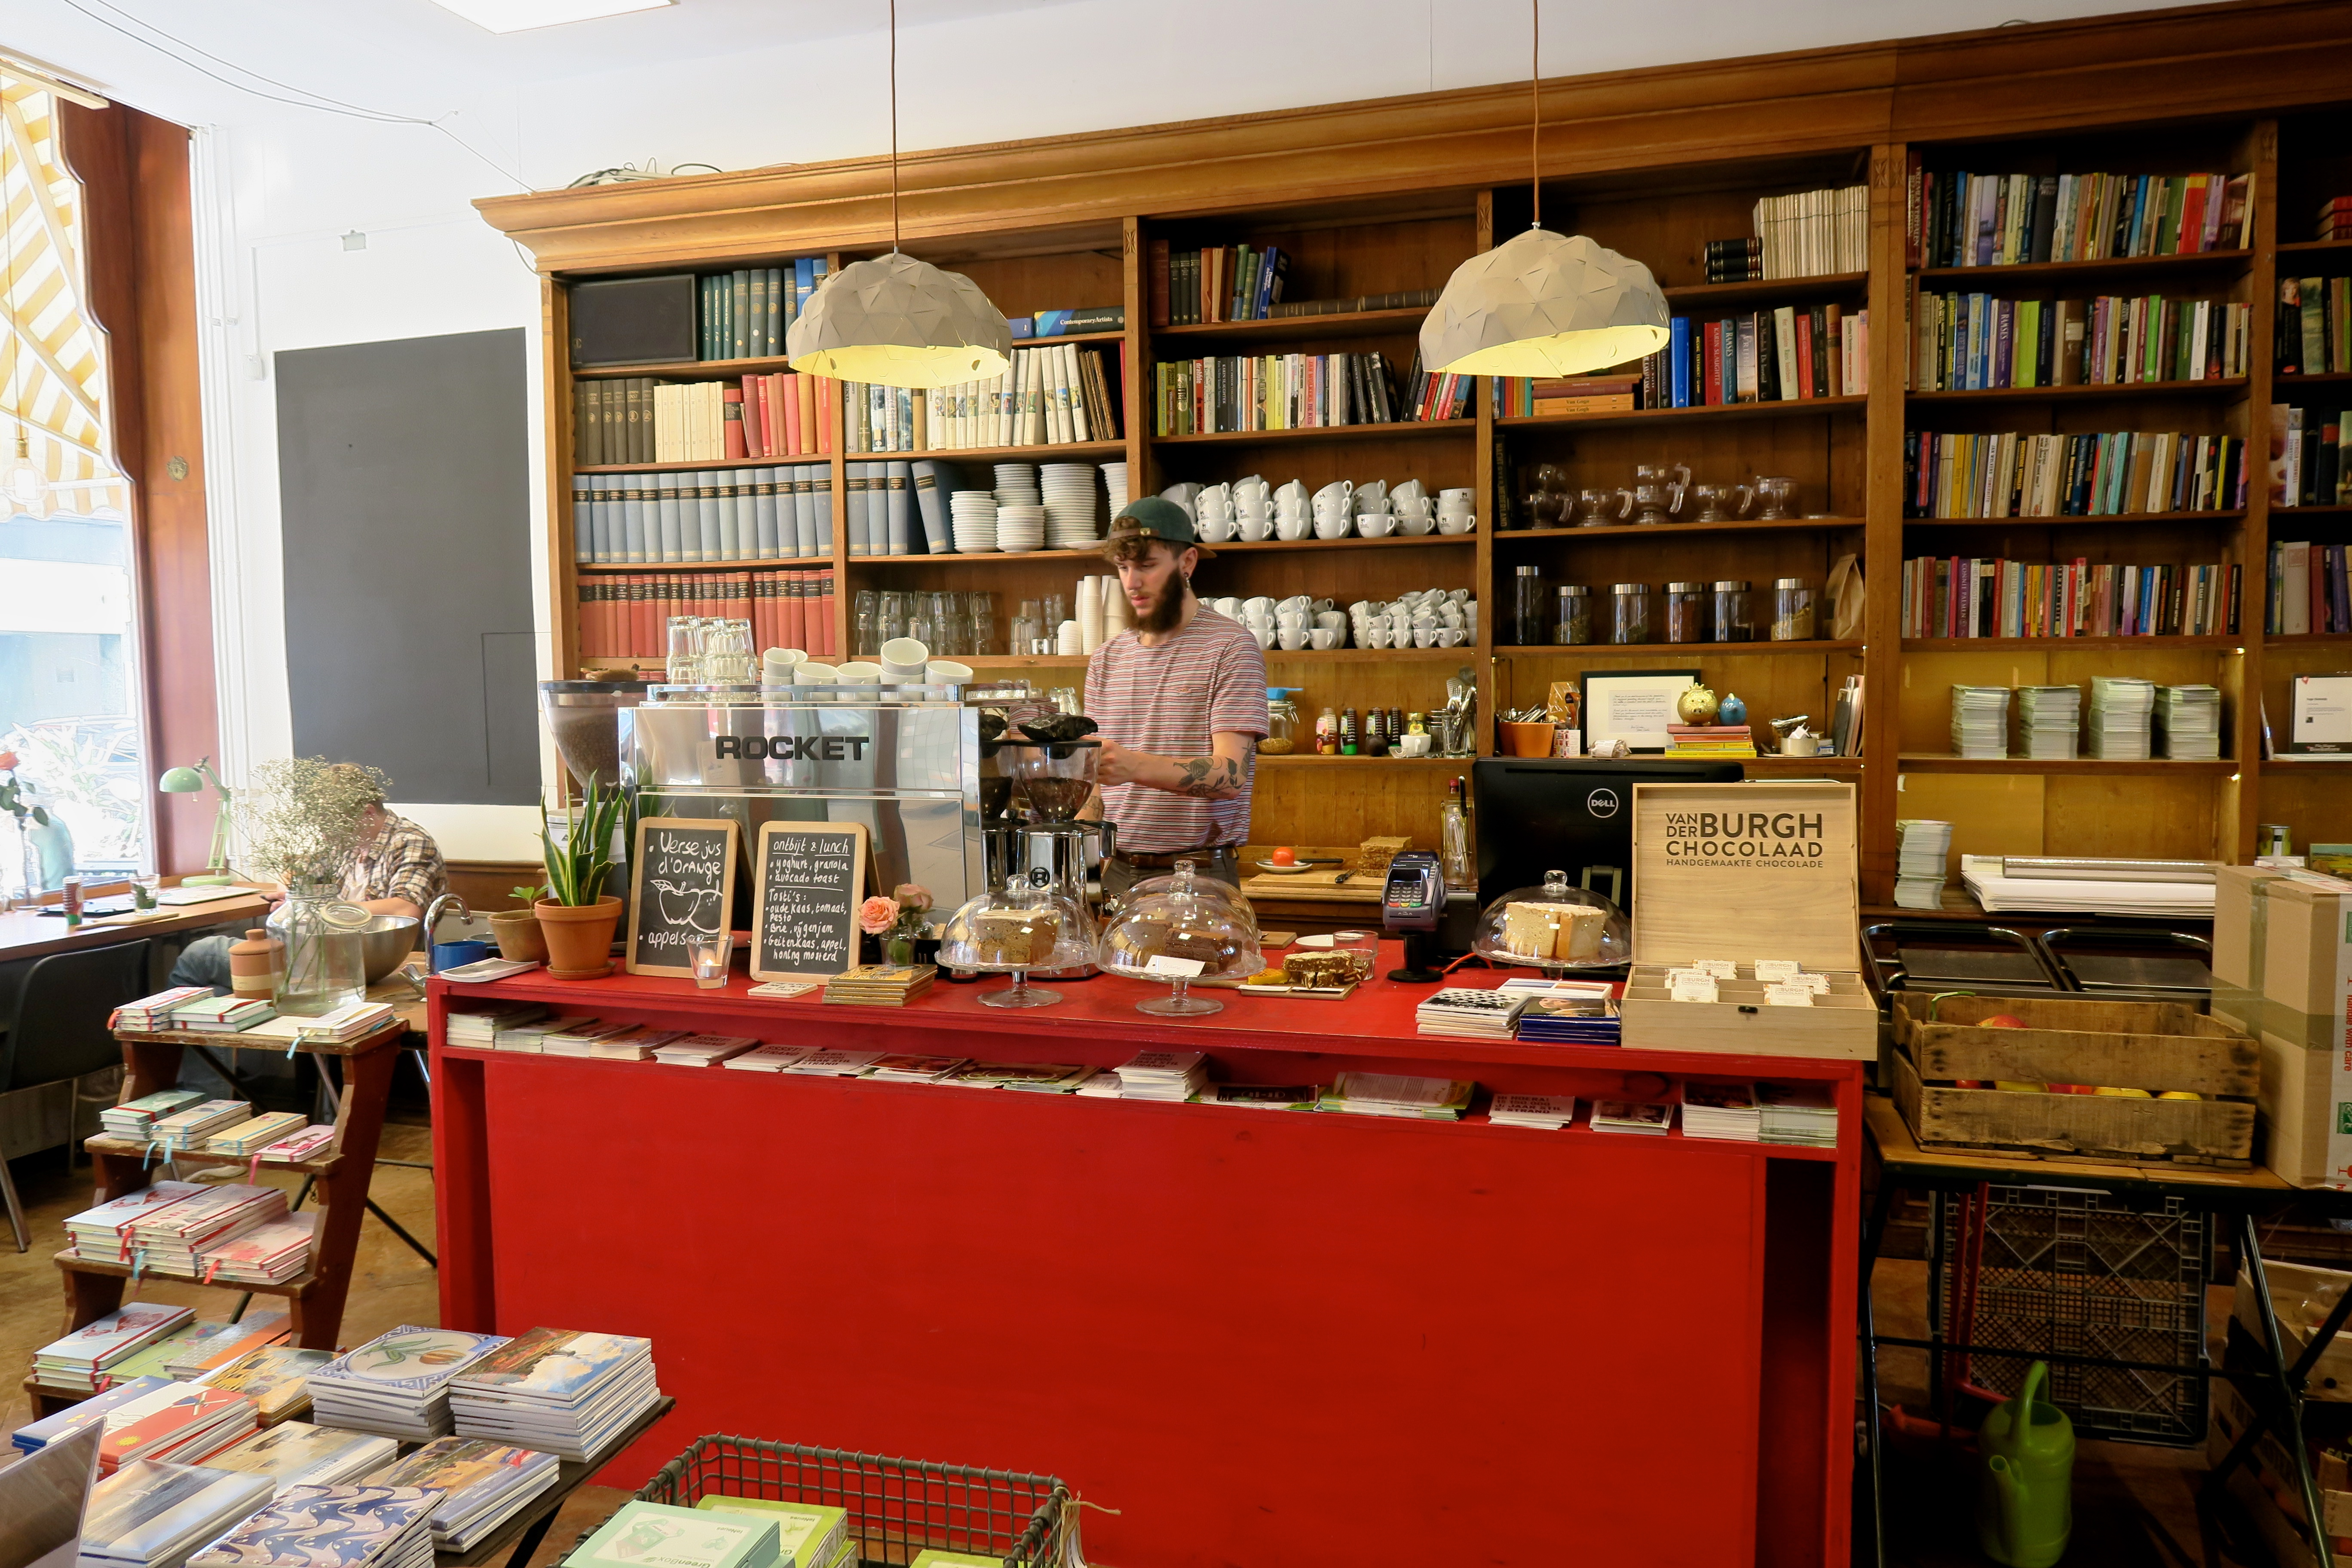 Koffiebar waar je lekker koffie kan drinken gezocht in Den Haag? Wij van Girls Who Drink hebben lijst voor je met vijf koffiespots waar je de lekkerste koffie kan drinken in Den Haag